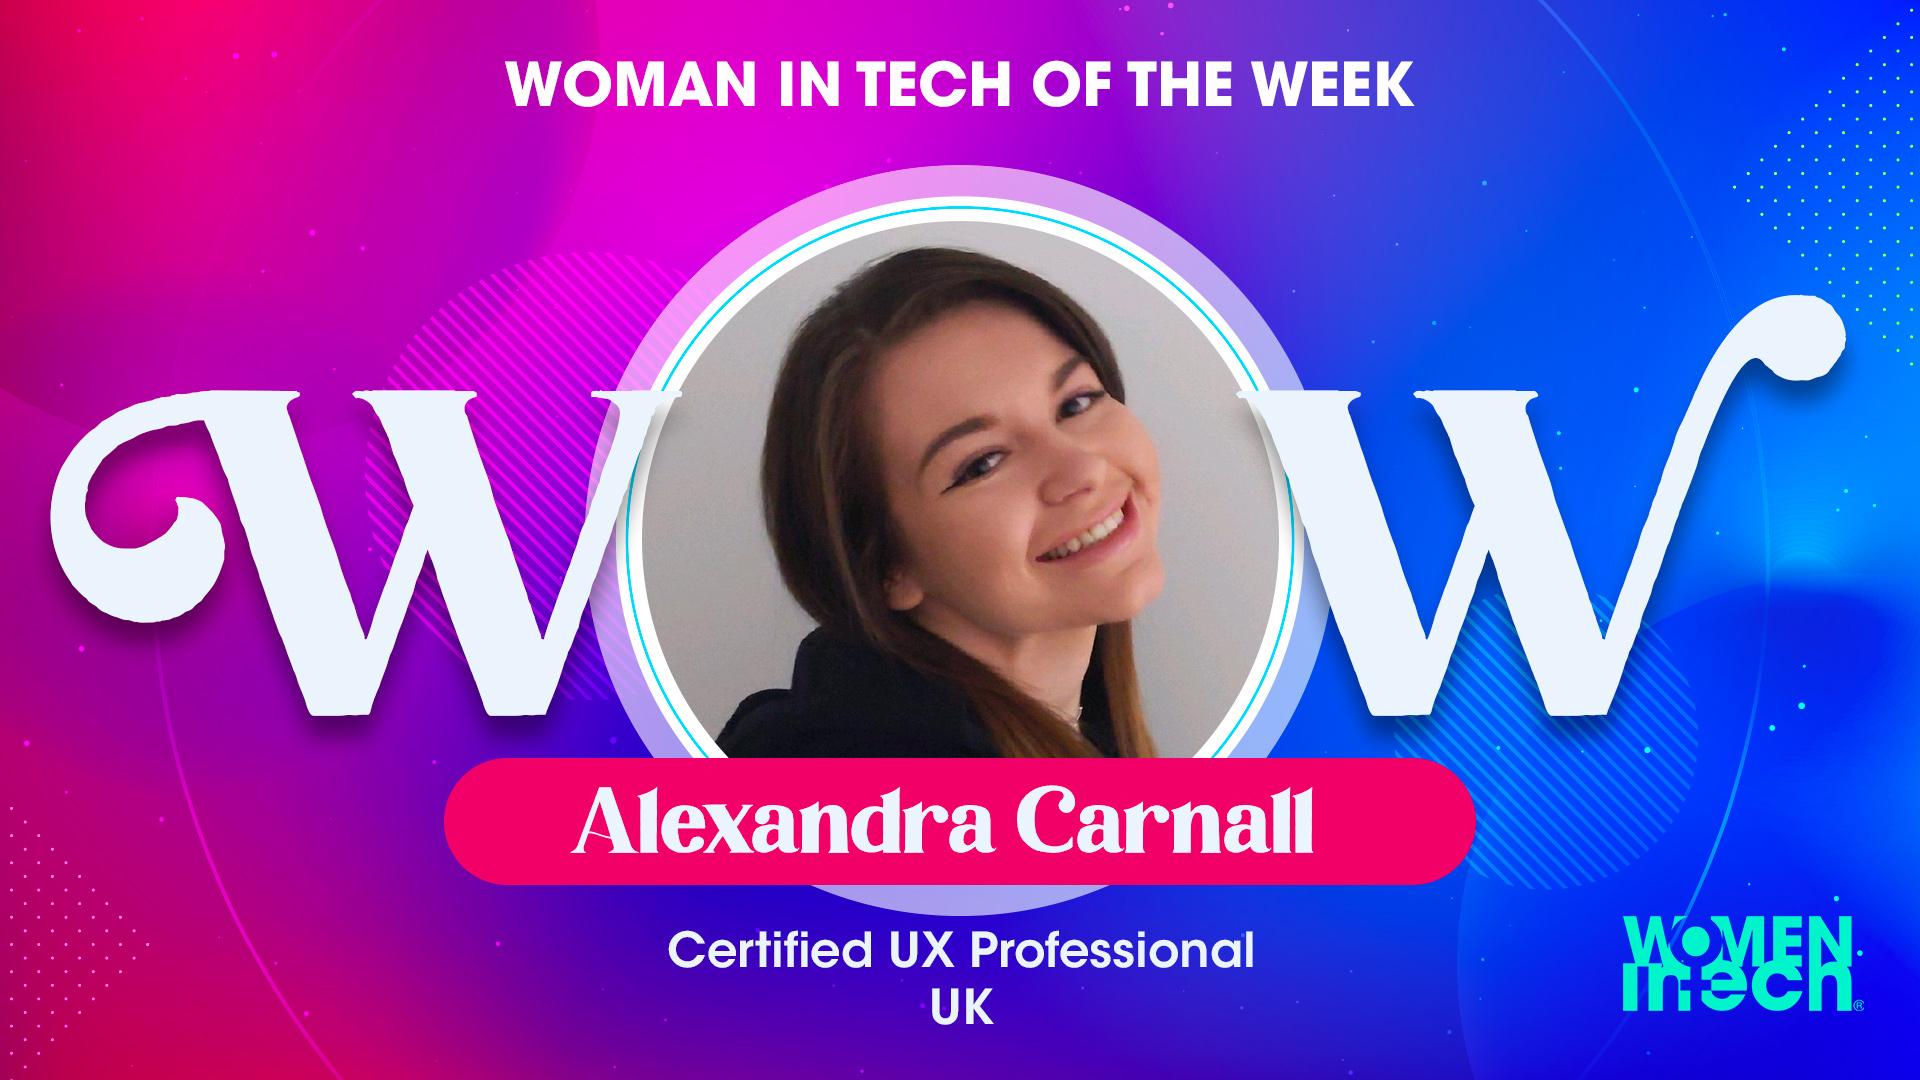 Meet Alexandra Carnall